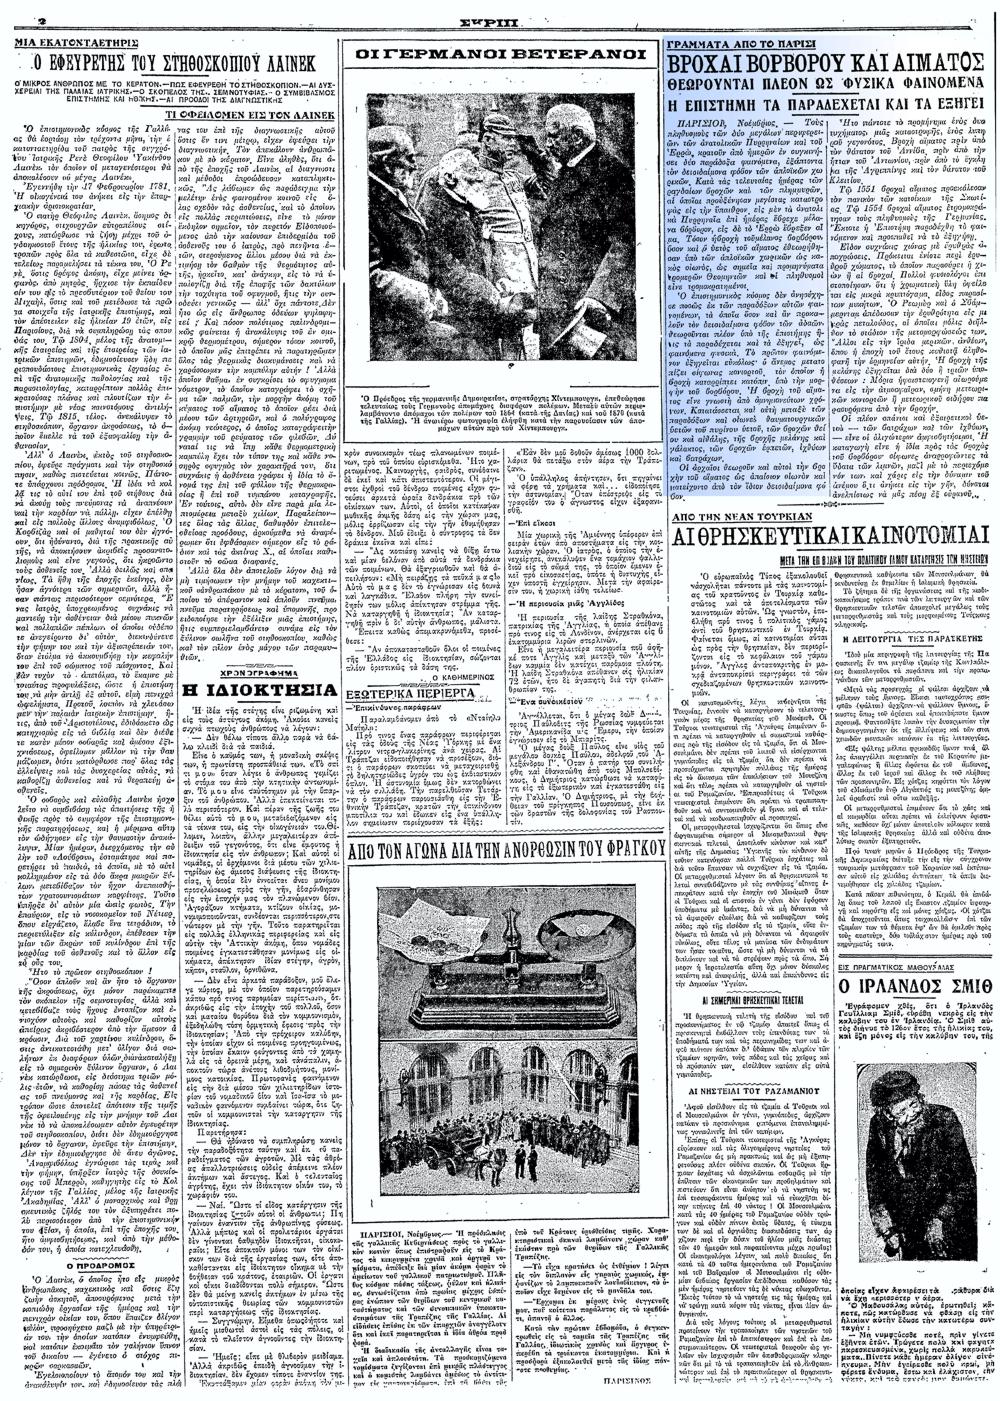 """Το άρθρο, όπως δημοσιεύθηκε στην εφημερίδα """"ΣΚΡΙΠ"""", την 11/11/1926"""